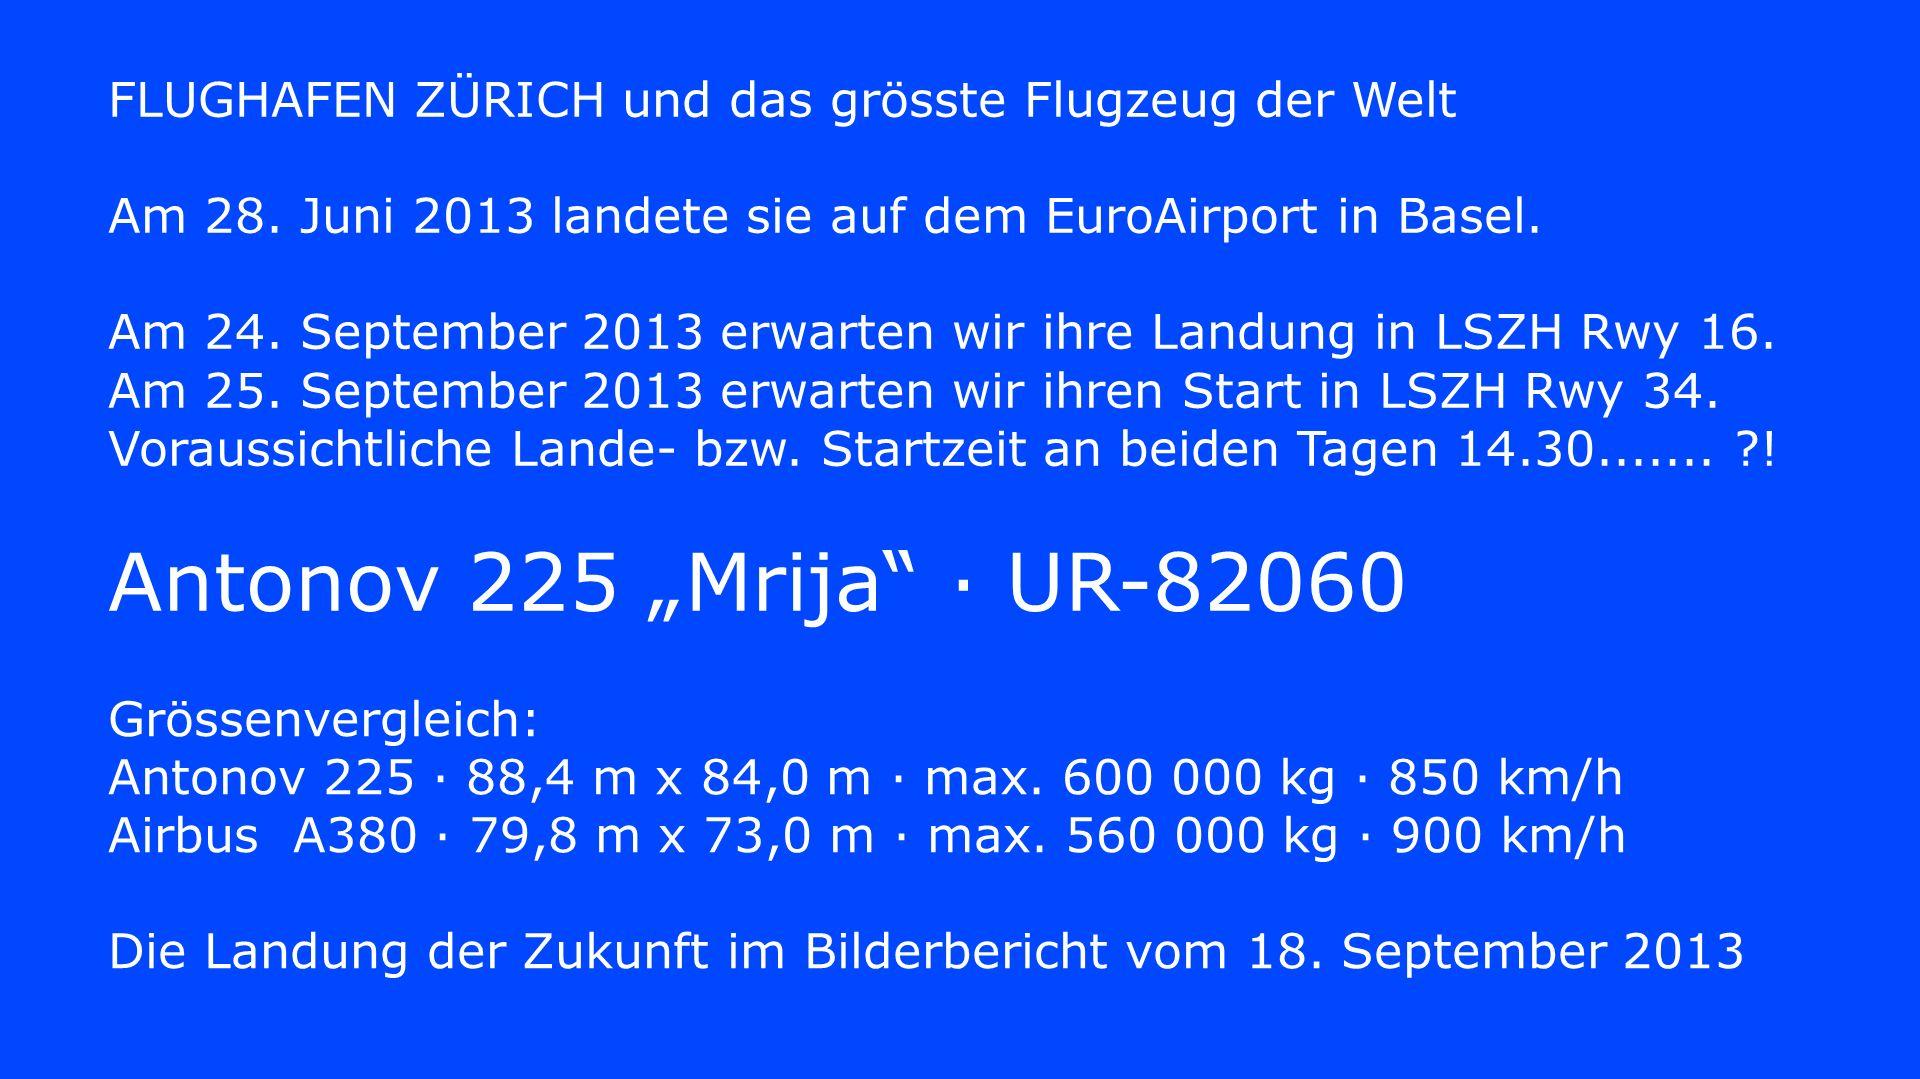 FLUGHAFEN ZÜRICH und das grösste Flugzeug der Welt Am 28. Juni 2013 landete sie auf dem EuroAirport in Basel. Am 24. September 2013 erwarten wir ihre